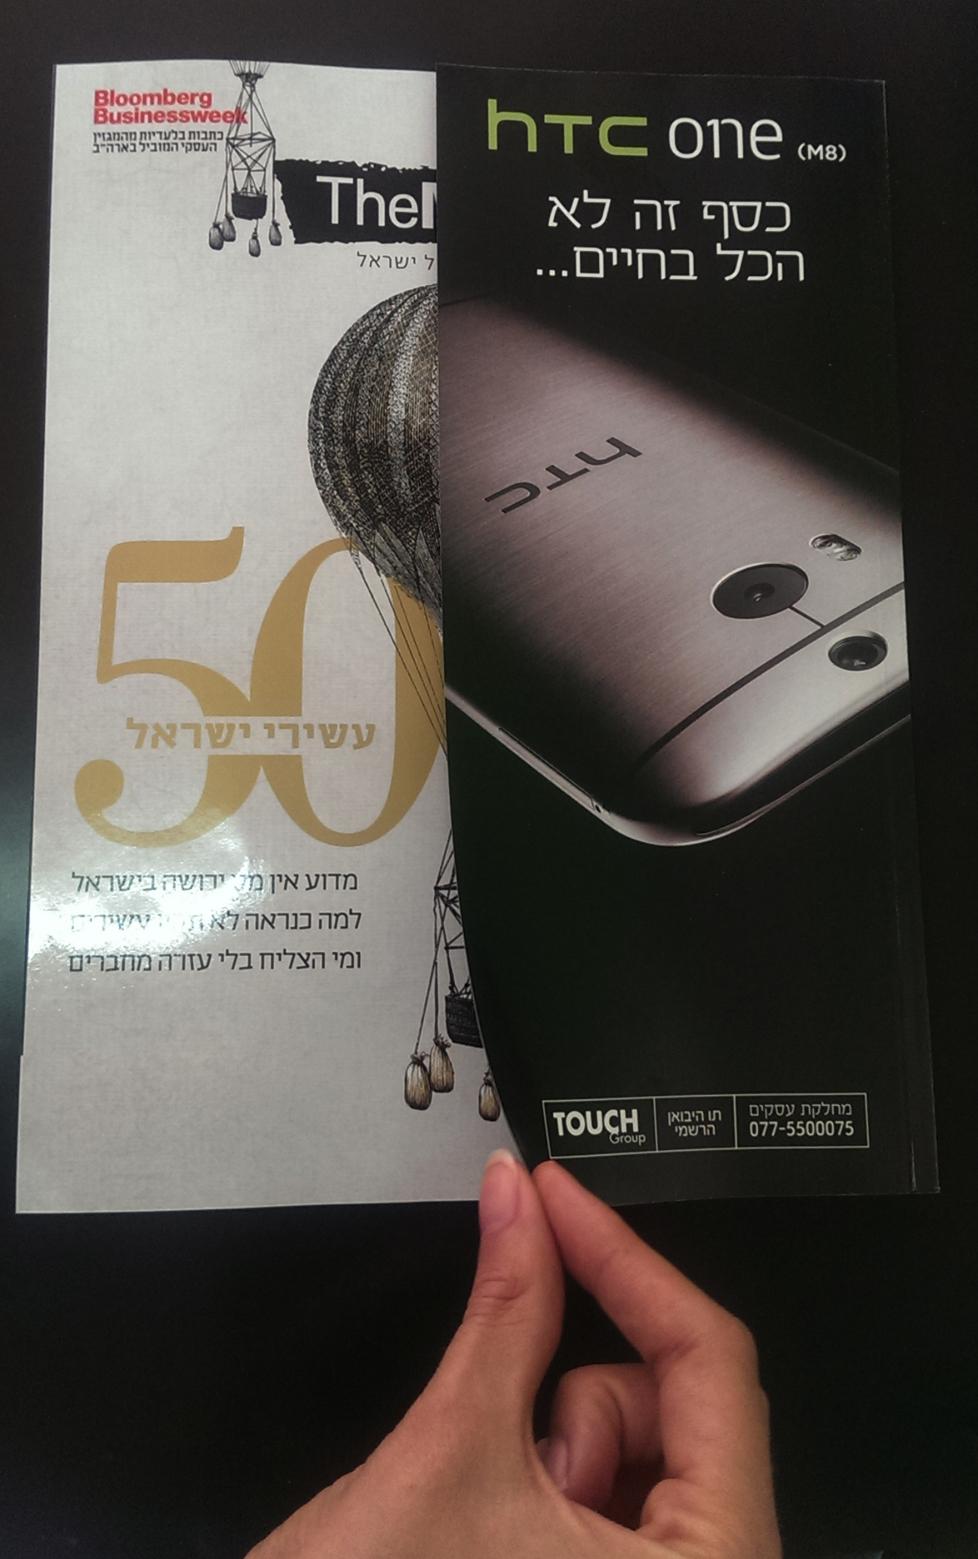 חברון זלצמן שביט ו-HTC השתלטו על שער גיליון 500 עשירי ישראל של דה מרקר